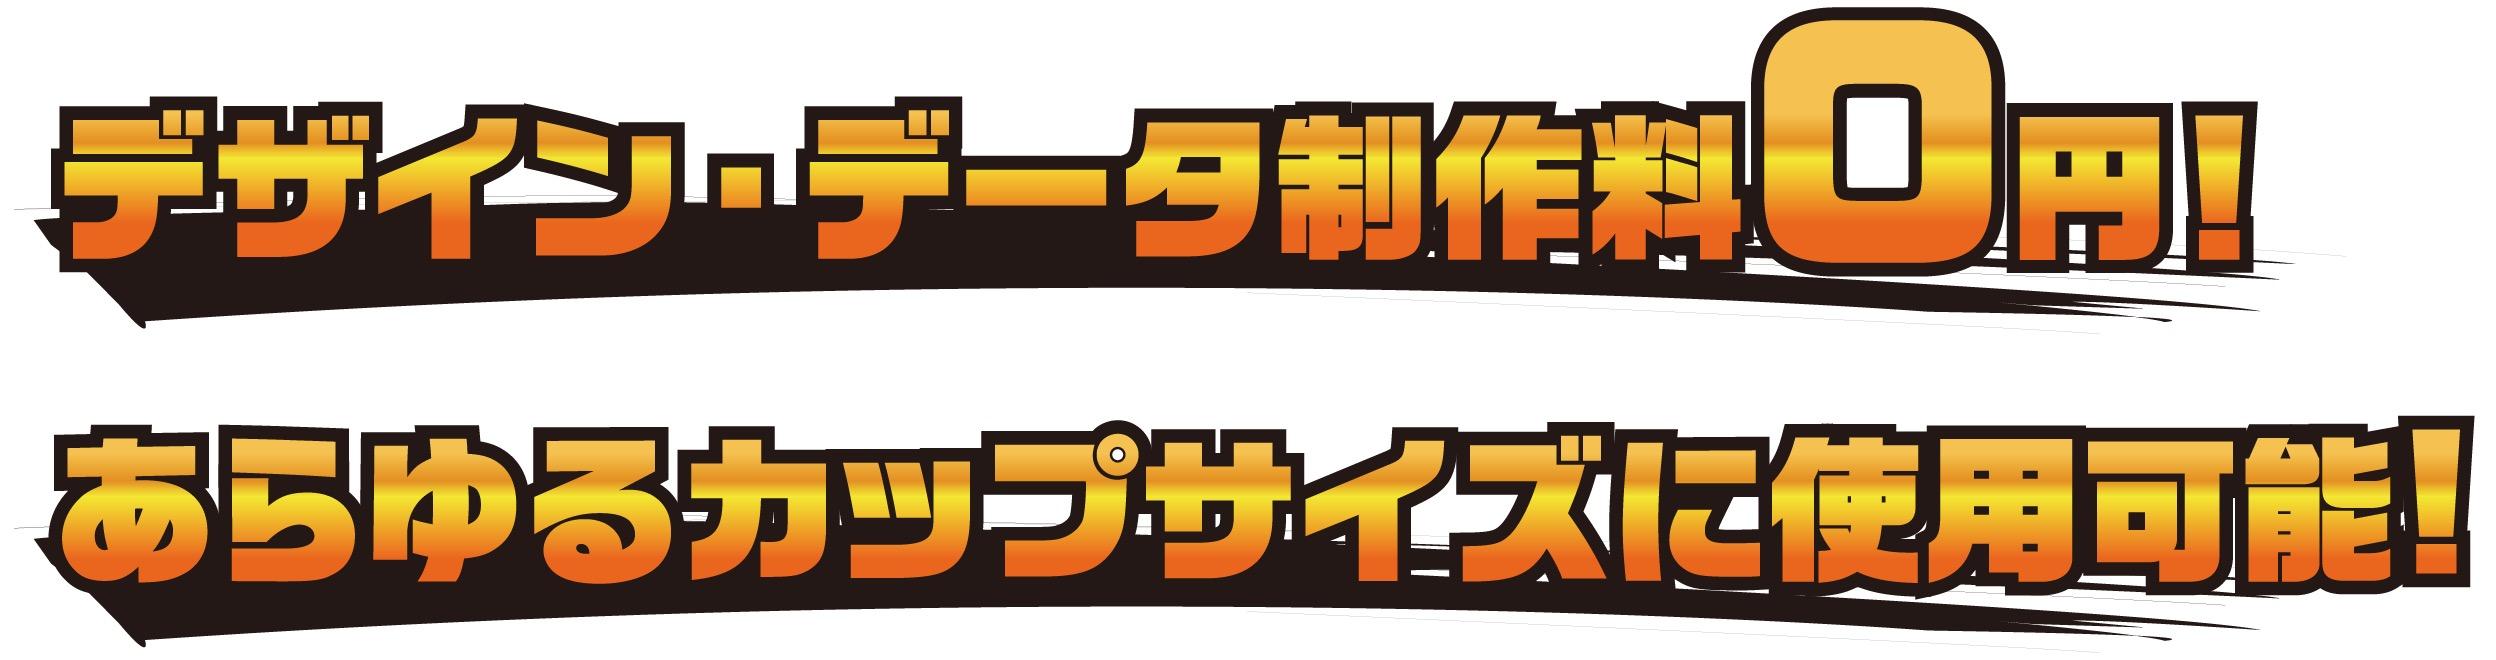 カップスリーブ・デザイン・データ制作料0円!